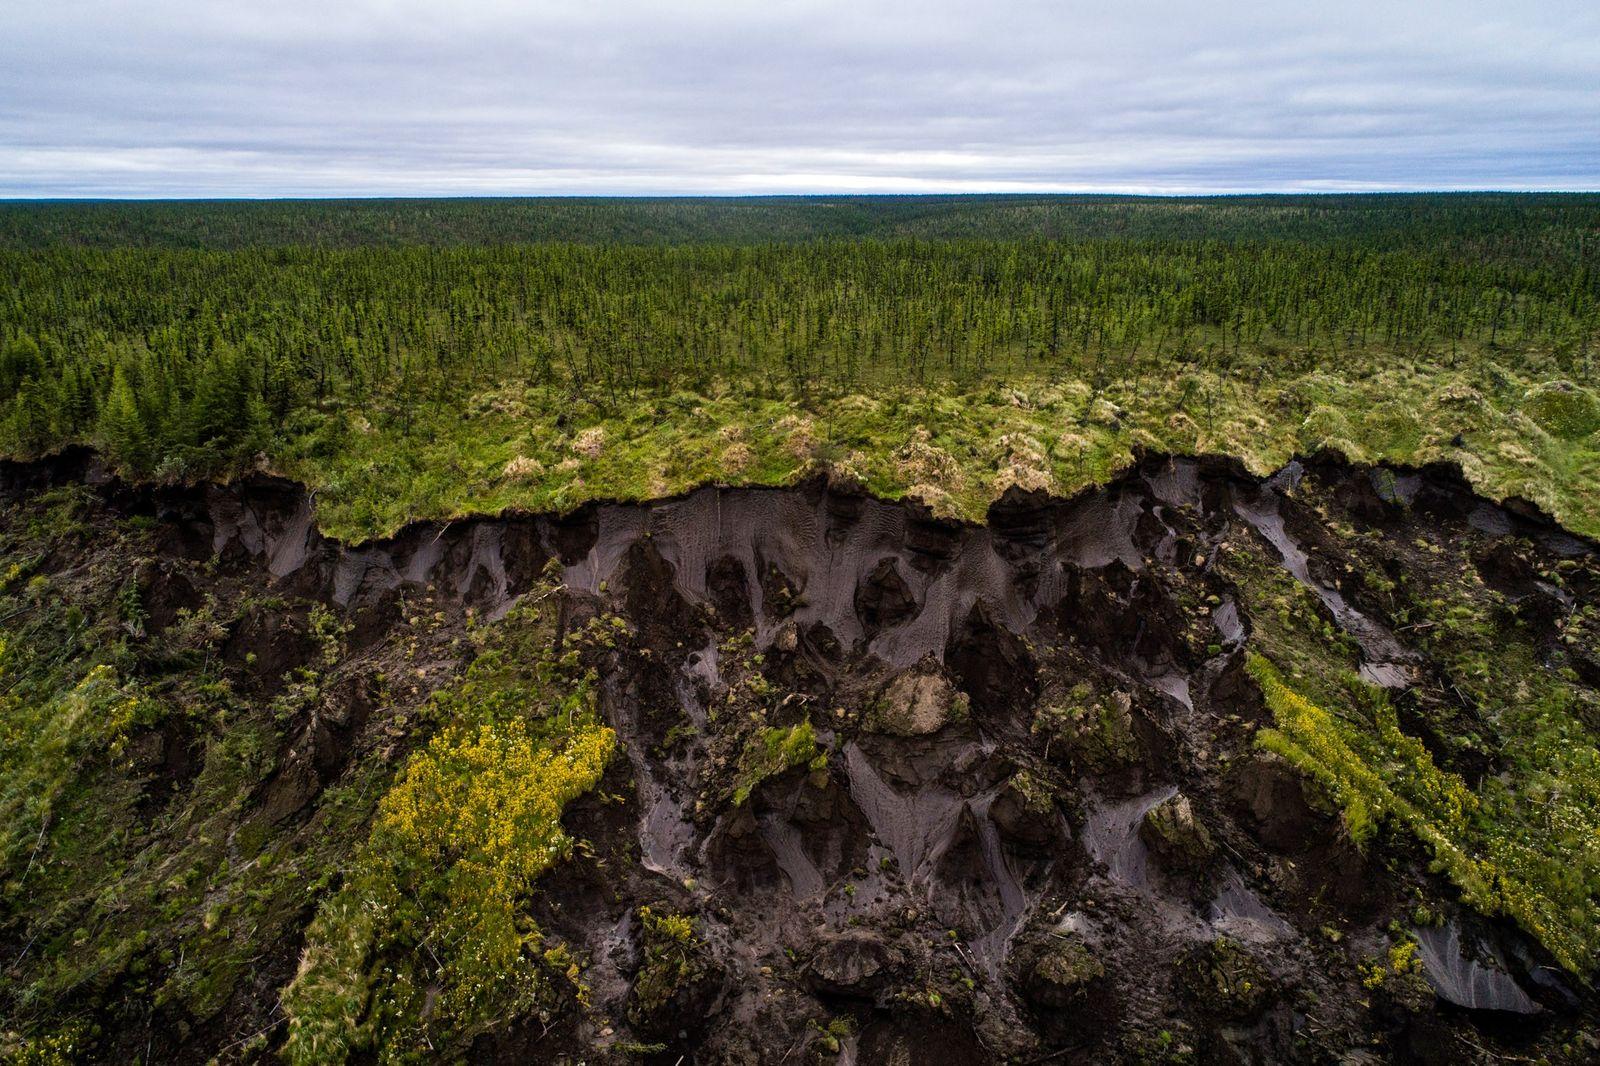 Exclusivo: Parte do solo do ártico não está mais congelando — nem mesmo no inverno